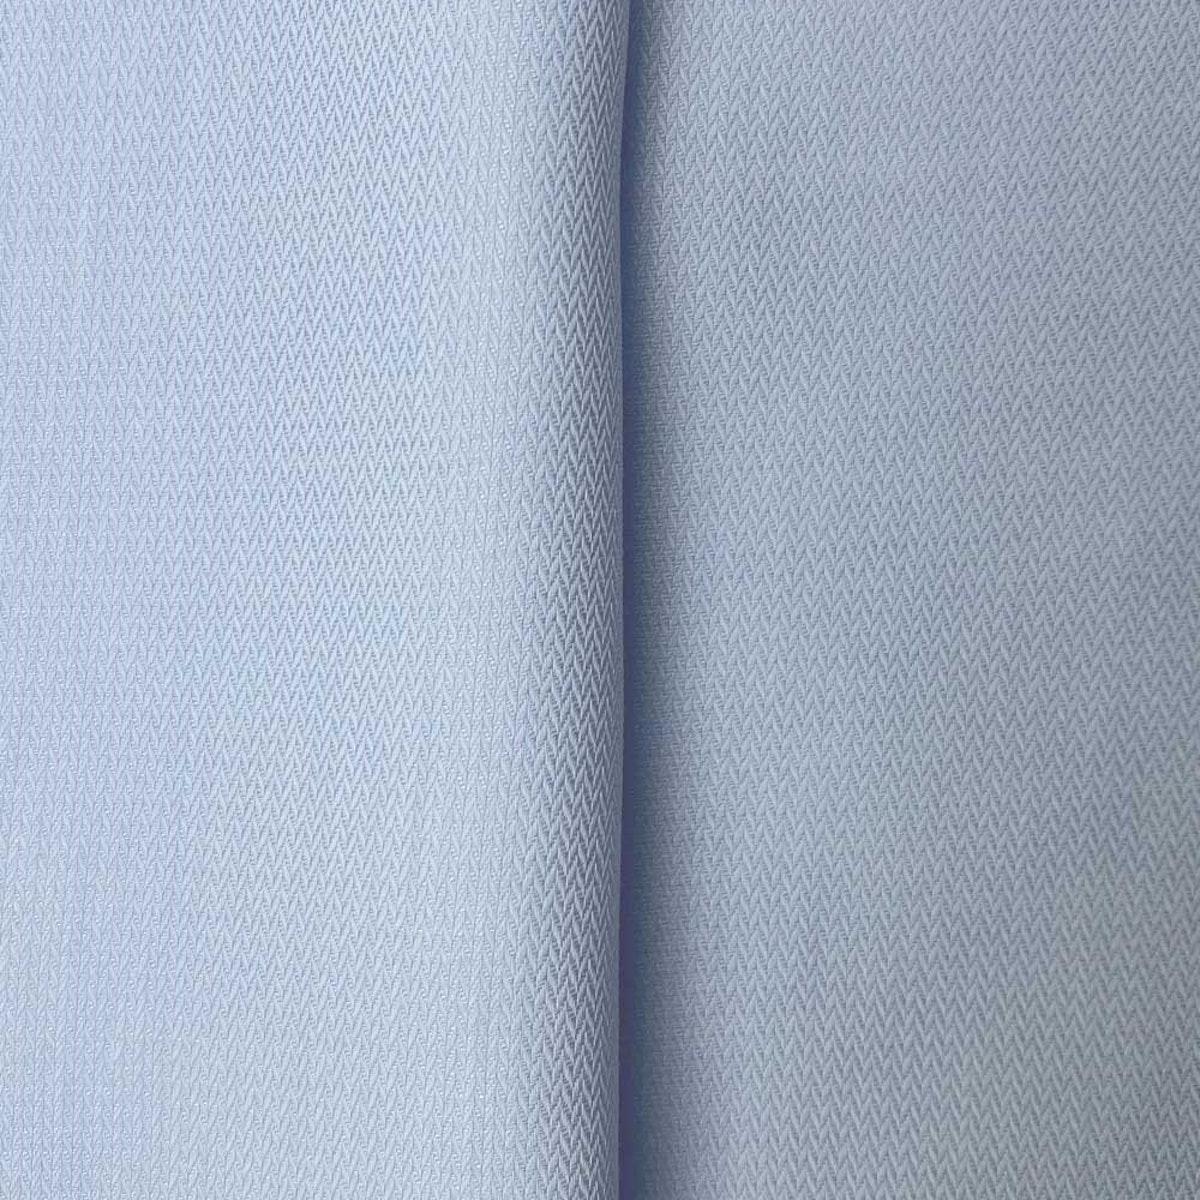 InStitchu Shirt Fabric 60